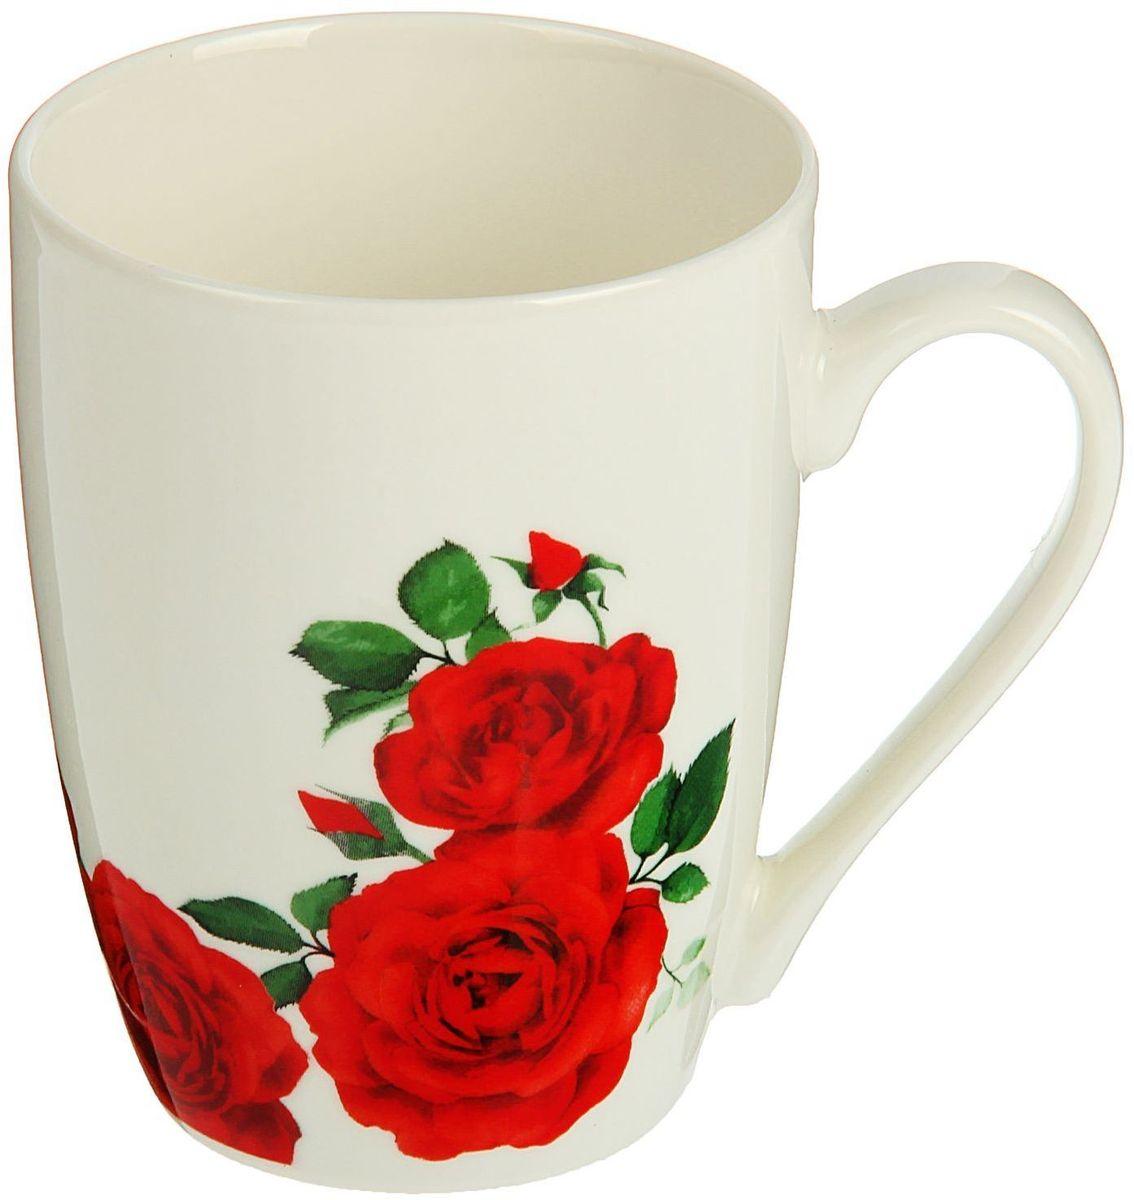 Кружка Доляна Розы, 350 мл1625287Хотите обновить интерьер кухни или гостиной? Устраиваете необычную фотосессию или тематический праздник? А может, просто ищете подарок для близкого человека?Кружка станет любимым аксессуаром на долгие годы. Относитесь к изделию бережно, и оно будет дарить прекрасное настроение каждый день!